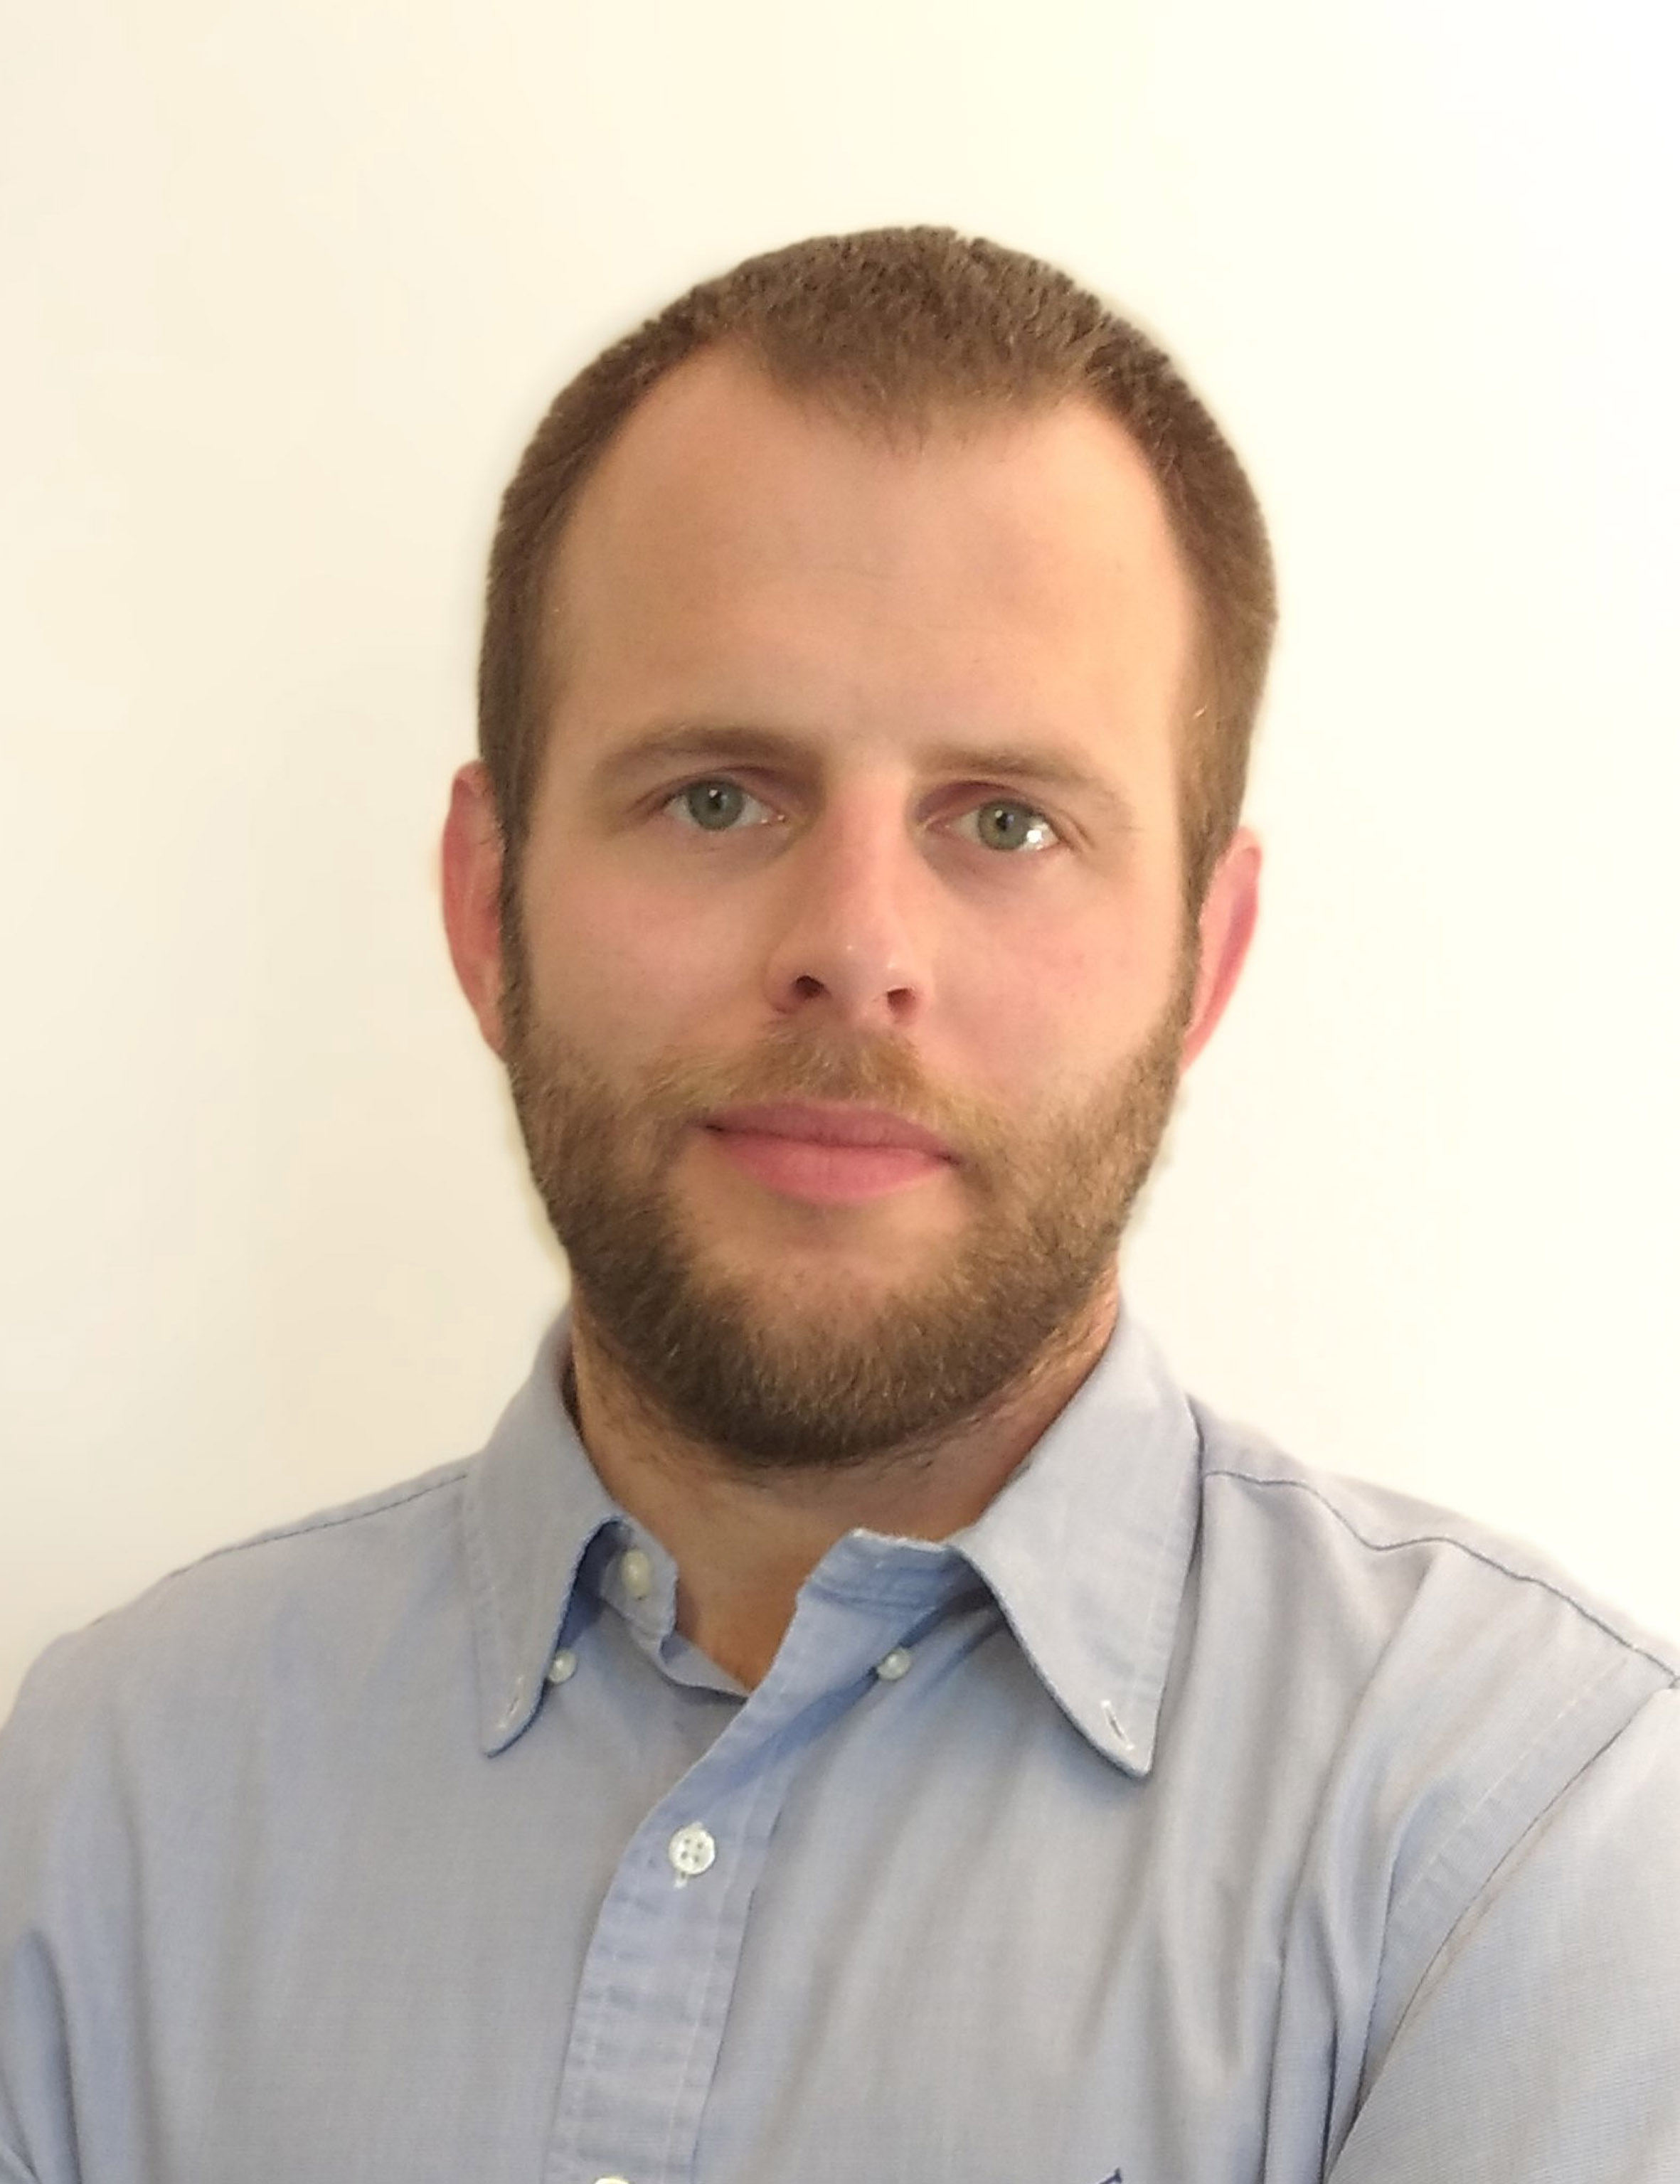 Dr. Pawel Kryszkiewicz